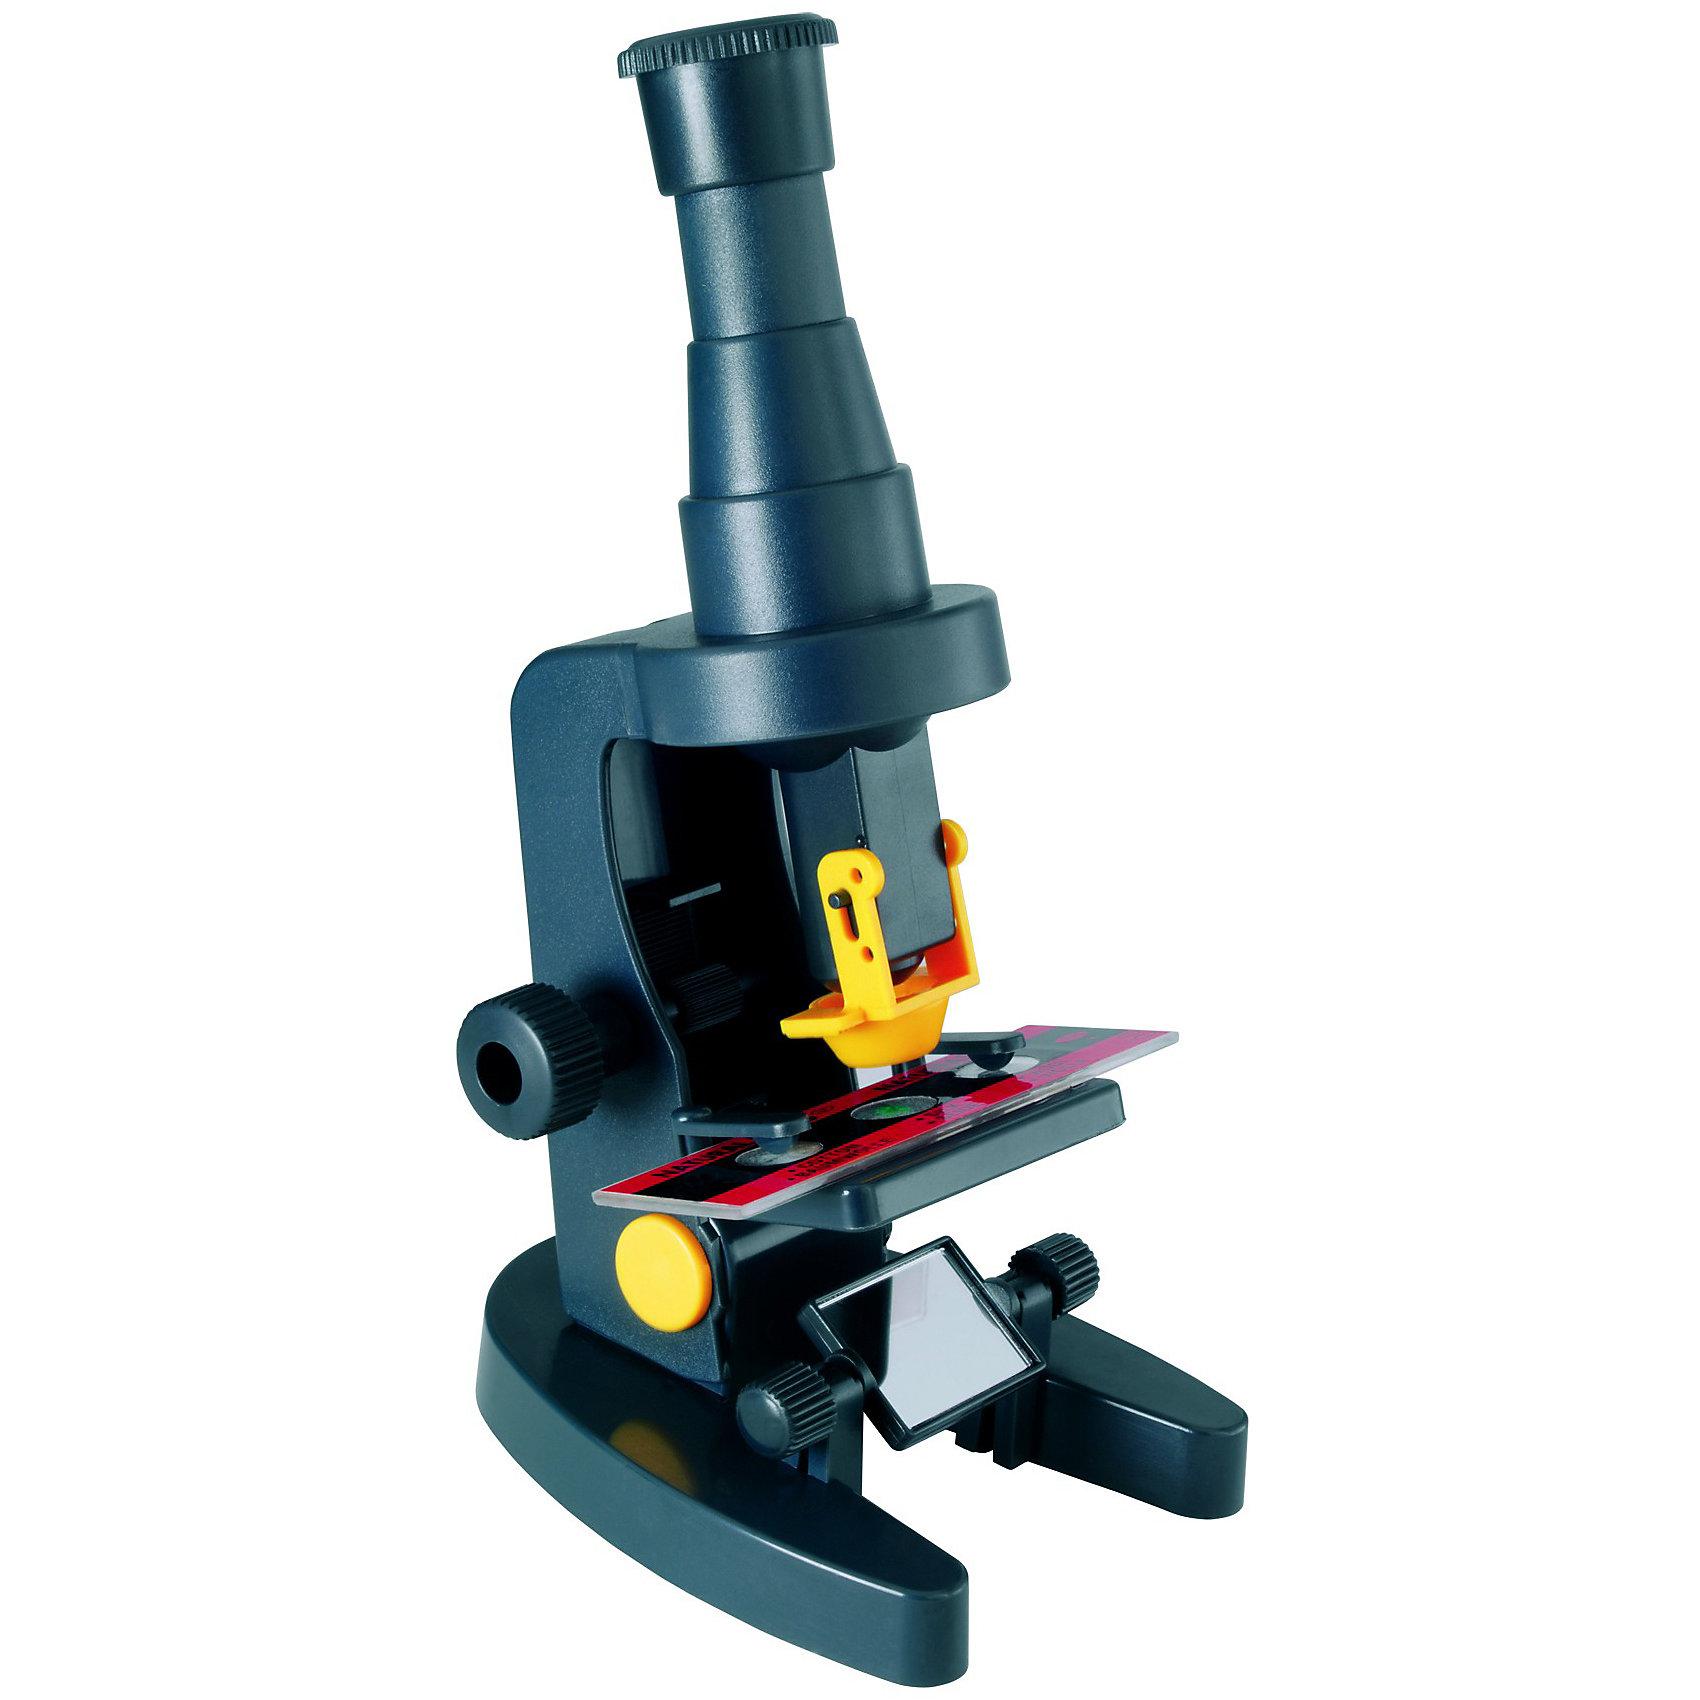 Микроскоп, Edu-ToysМикроскоп, Edu-Toys - компактный детский микроскоп, который замечательно подойдет для первого знакомства Вашего ребенка с микромиром. С его помощью он сможет провести множество увлекательных опытов и наблюдений как дома так и на природе. Высококачественный окуляр микроскопа обеспечивает отличное качество изображения и дает увеличение 100 и 150 крат. Специальное колесико фокусировки поможет наладить нужную резкость, а с помощью зеркала-отражателя Вы сможете настроить необходимое освещение для изучения препарата.<br><br>Прибор оснащен специальным предметным столиком с лапками-держателями для микропрепаратов. В комплект также входит готовый микропрепарат и инструкция. Занятия с микроскопом способствуют формированию у ребенка научного подхода, расширяют кругозор, развивают любознательность и внимательность.<br><br>Дополнительная информация:<br><br>- В комплекте: микроскоп Edu-Toys MS015, готовый микропрепарат, инструкция.<br>- Материал: металл, пластик, стекло.<br>- Высота: 18 см.<br>- Размер упаковки: 5,3 х 26,6 х 7 см.<br>- Вес: 150 гр.<br><br>Микроскоп, Edu-Toys, можно купить в нашем интернет-магазине.<br><br>Ширина мм: 53<br>Глубина мм: 266<br>Высота мм: 70<br>Вес г: 150<br>Возраст от месяцев: 96<br>Возраст до месяцев: 144<br>Пол: Унисекс<br>Возраст: Детский<br>SKU: 4013714